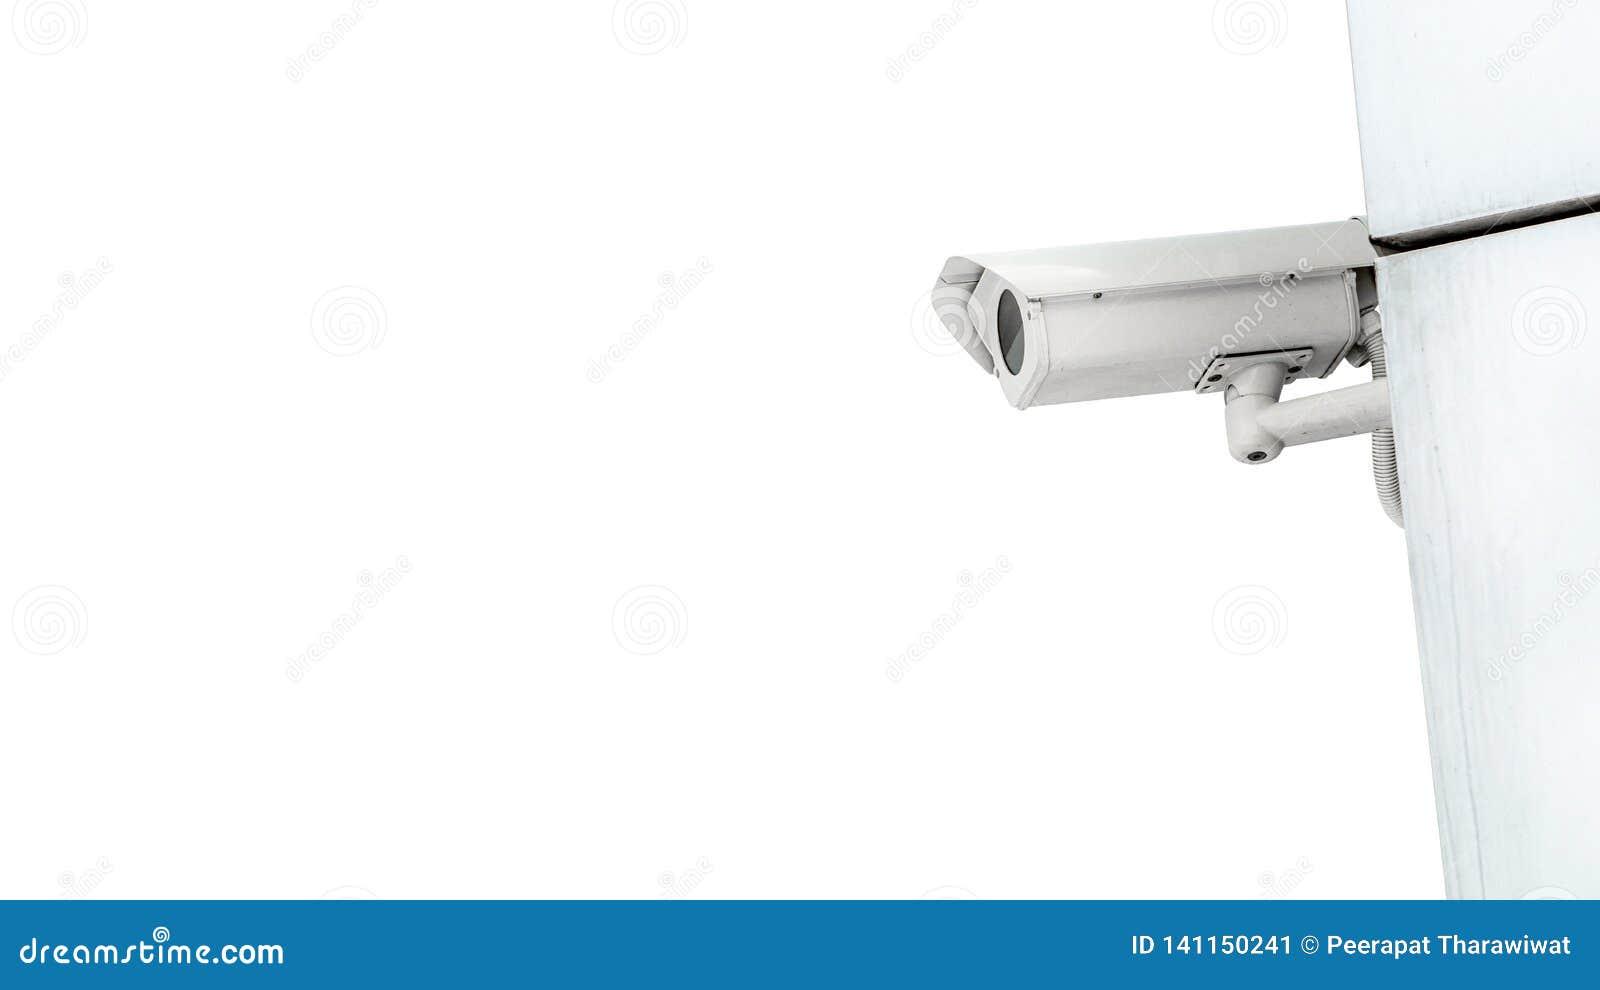 Utrustning för video för kamera för CCTV-bevakningsäkerhet på väggen av tornet eller hemmet som isoleras på vitt bakgrunds- och k